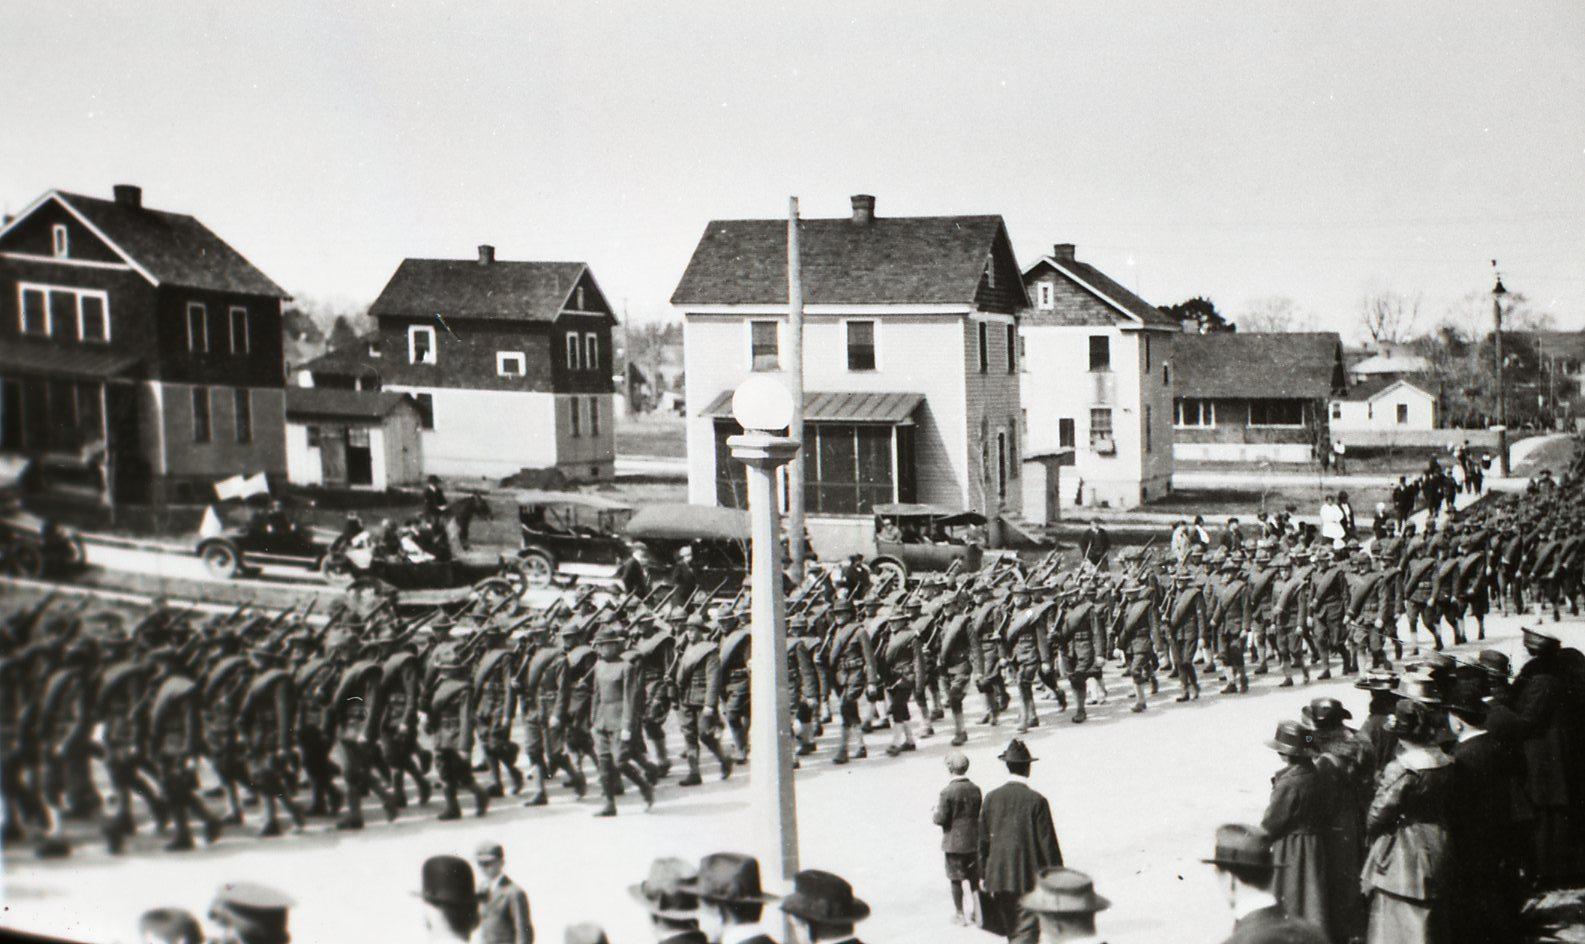 038 317th Infantry Regiment at Camp Lee.jpg